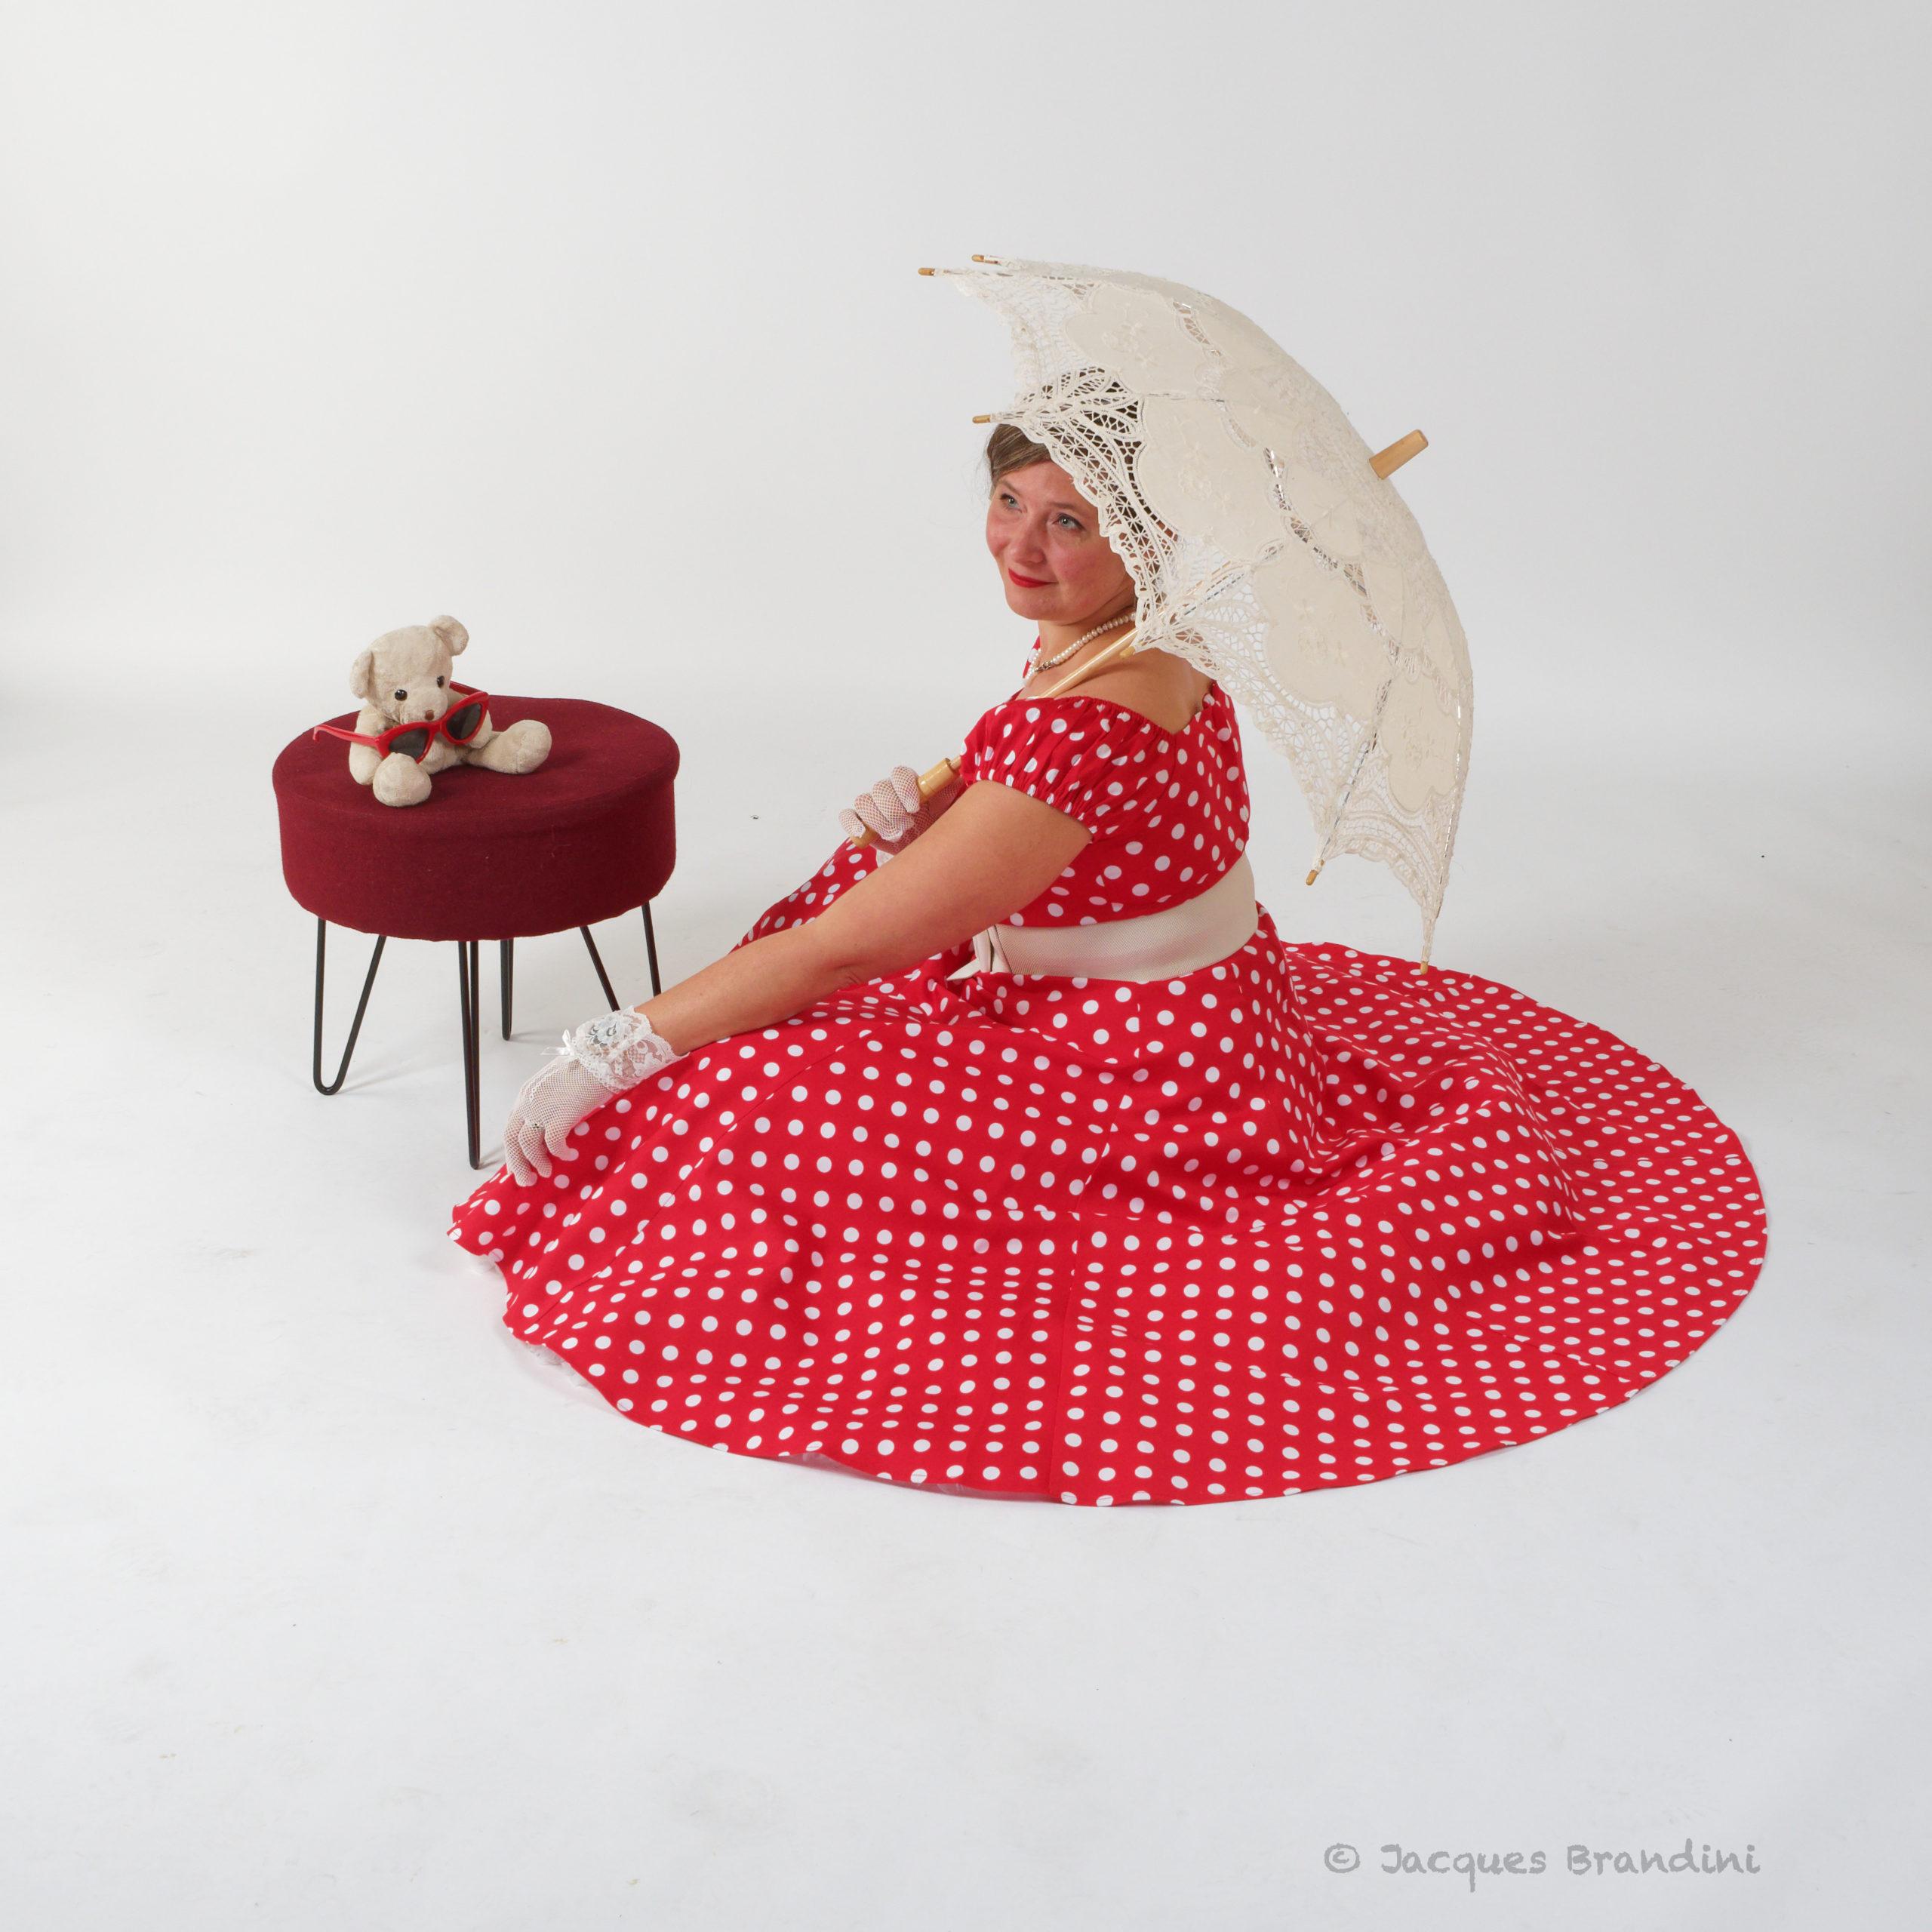 Photo de Jacques Brandini. Robe de la marque Collectif de chez la boutique 413 à Burnhaupt. Model photo :  Cendrine Miesch Dite LaPtiteAlsacienne.